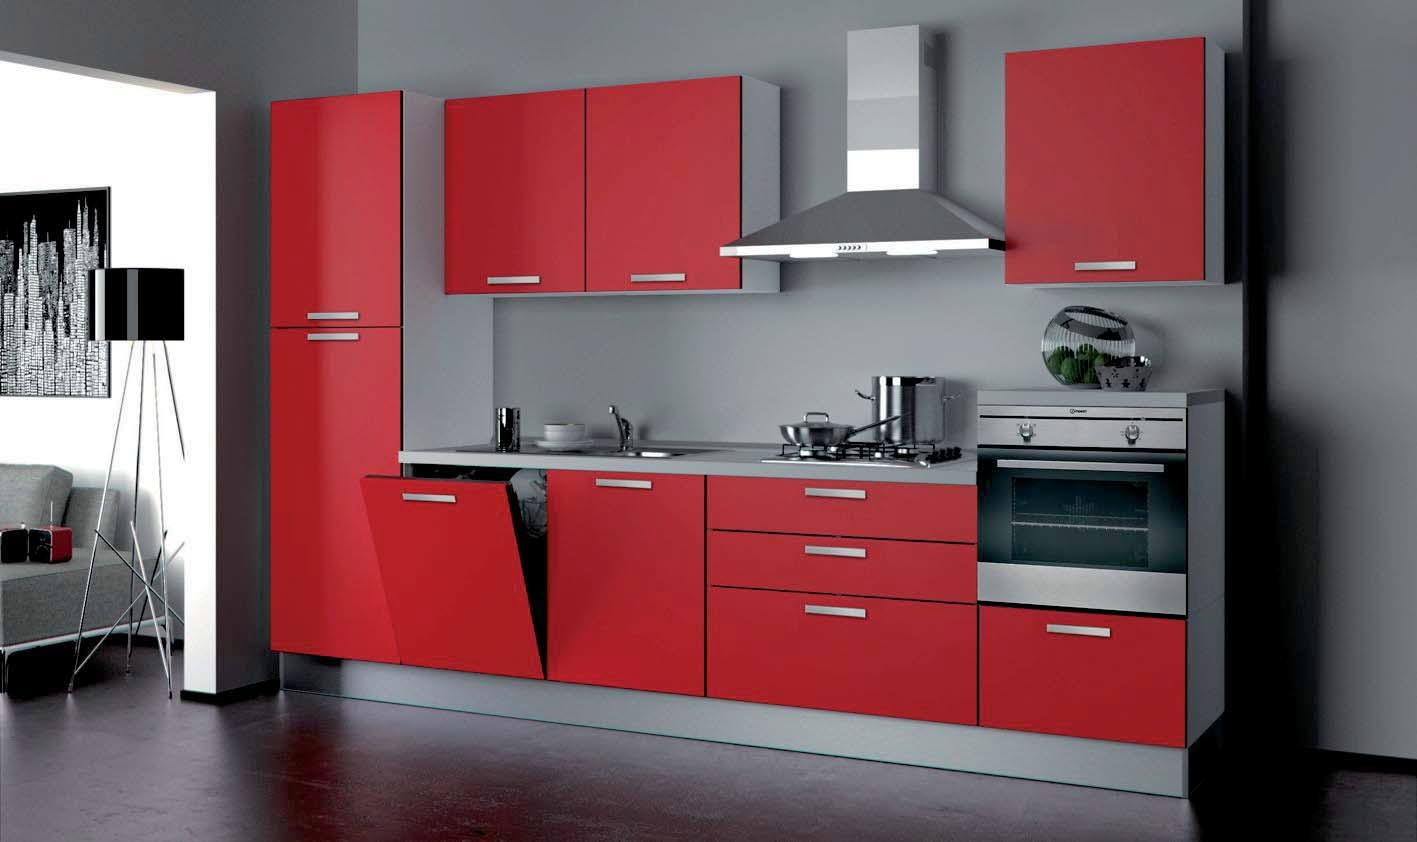 Cucina componibile modello nita moderna laccato lucido rossa cucine a prezzi scontati - Piastrelle cucina rosse ...